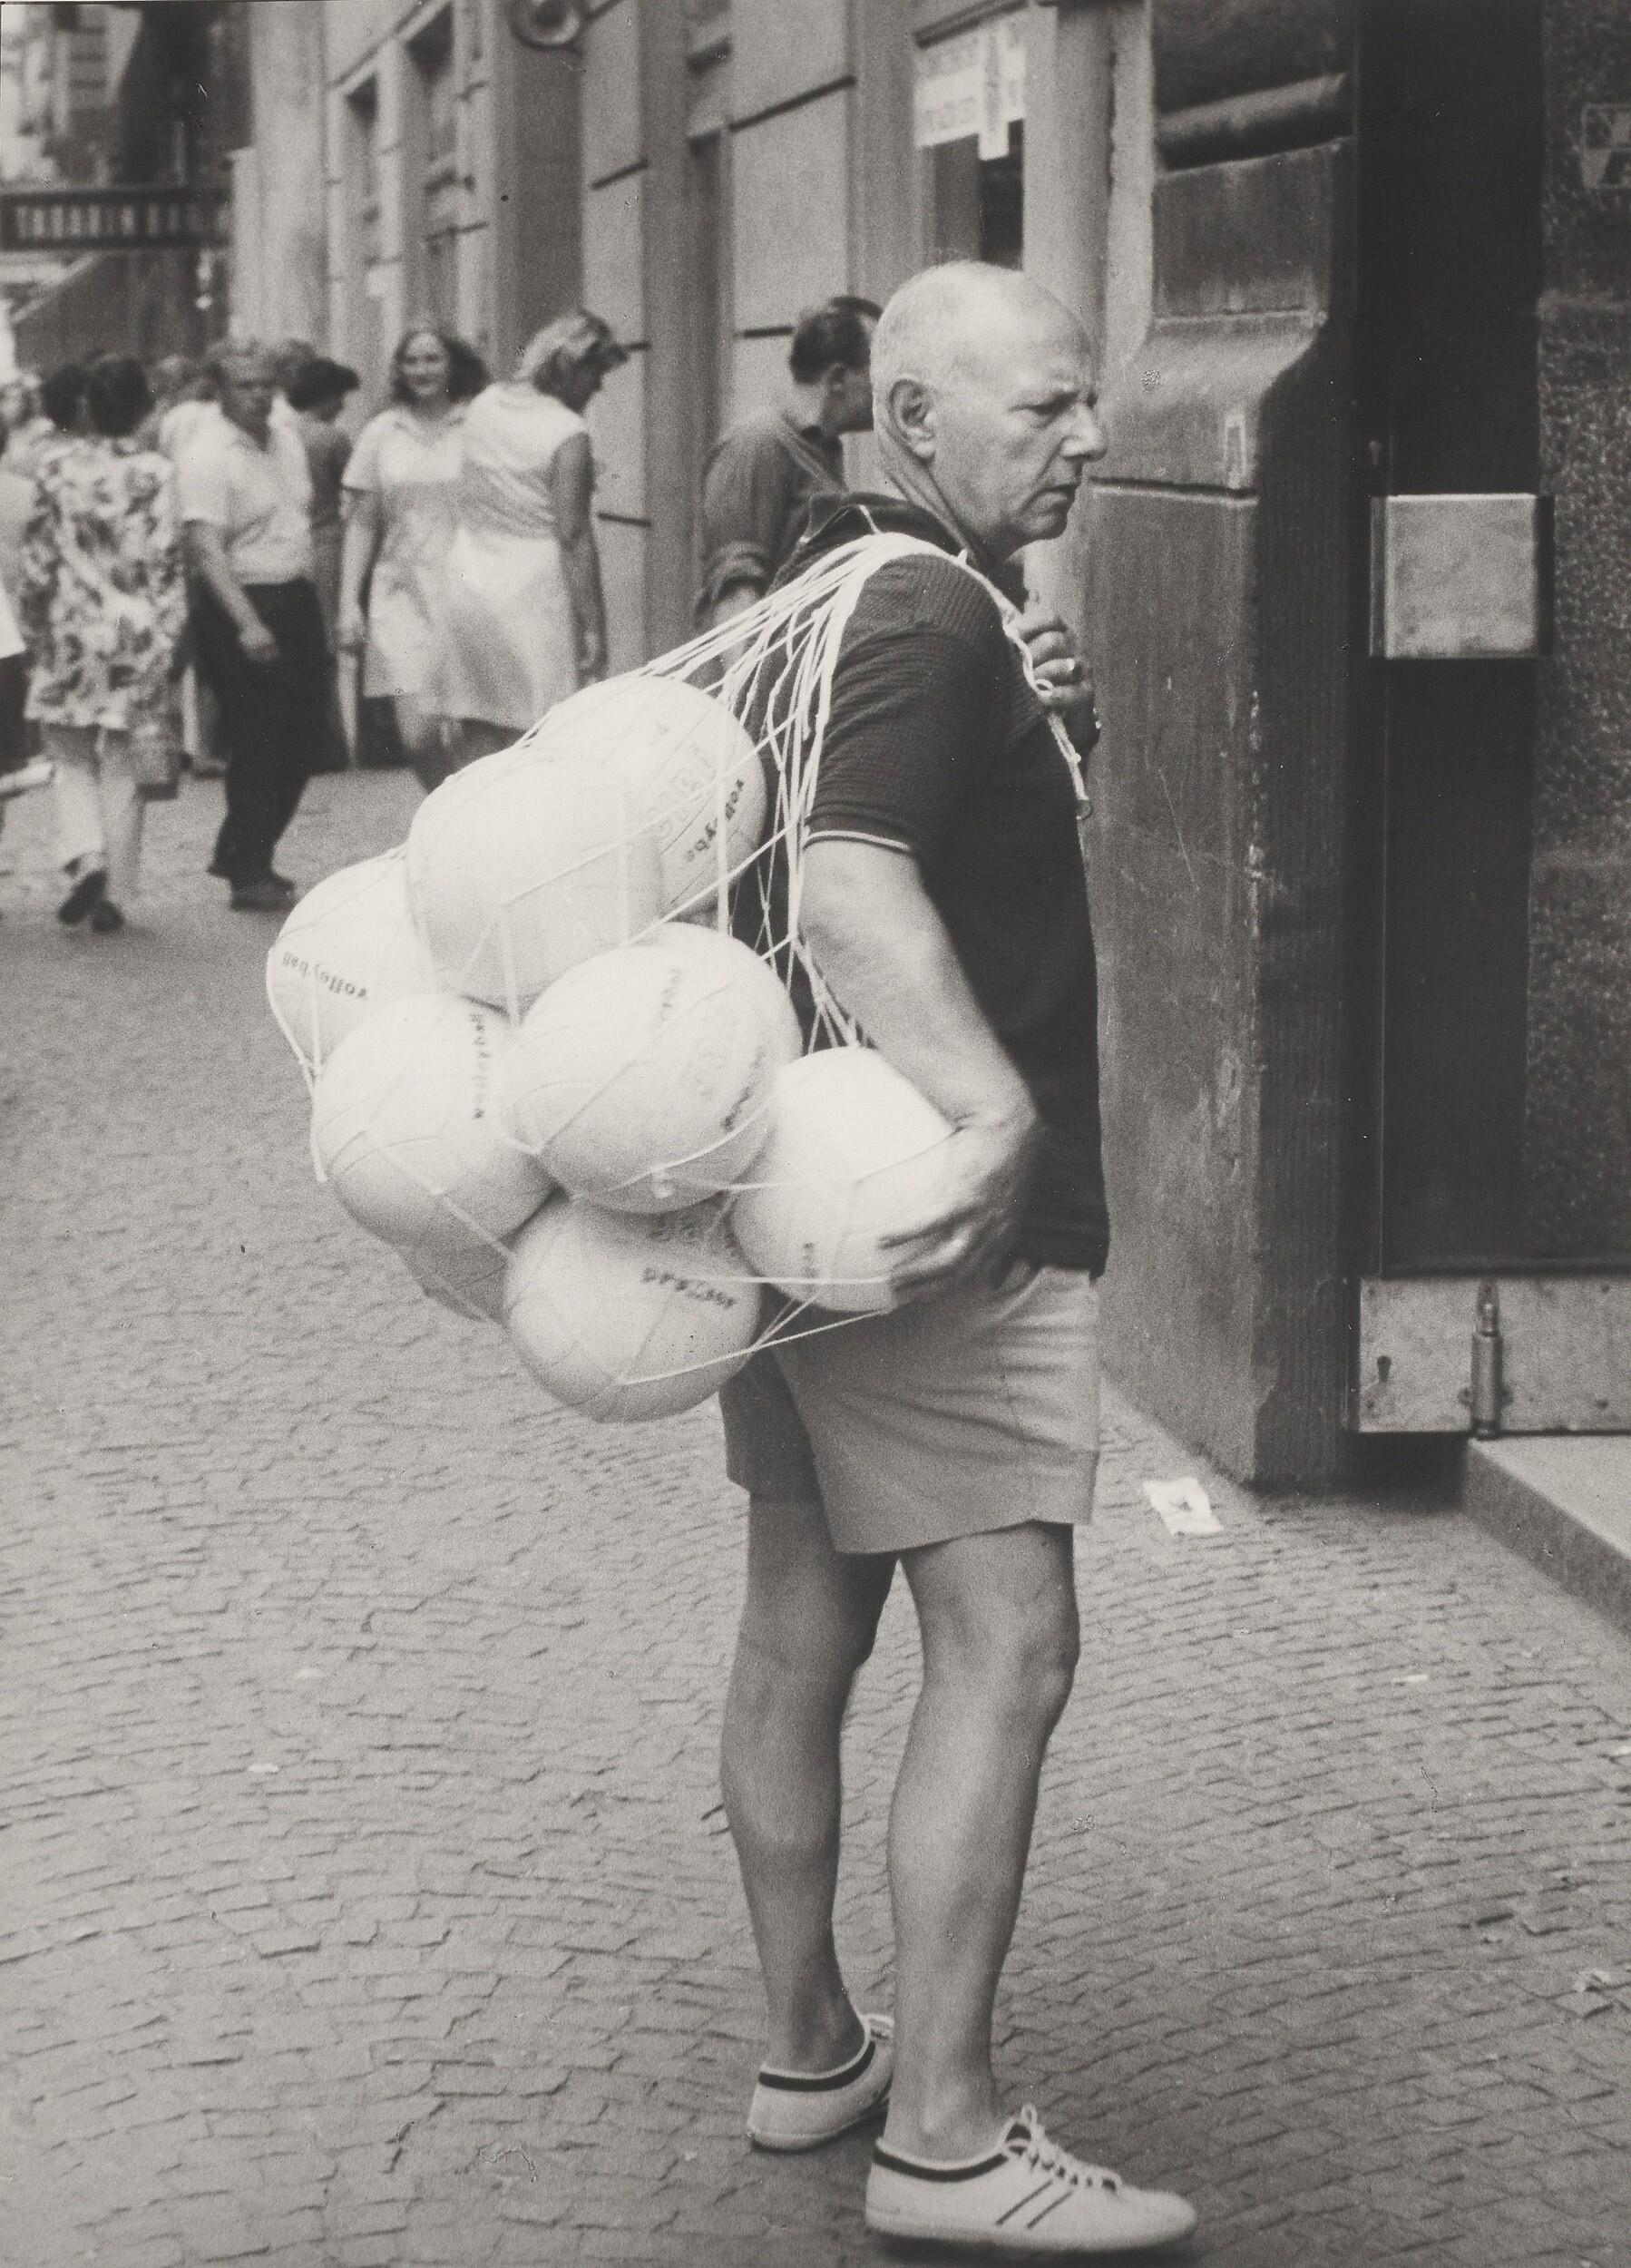 Мячи, 1984. Фотограф Франтишек Досталь